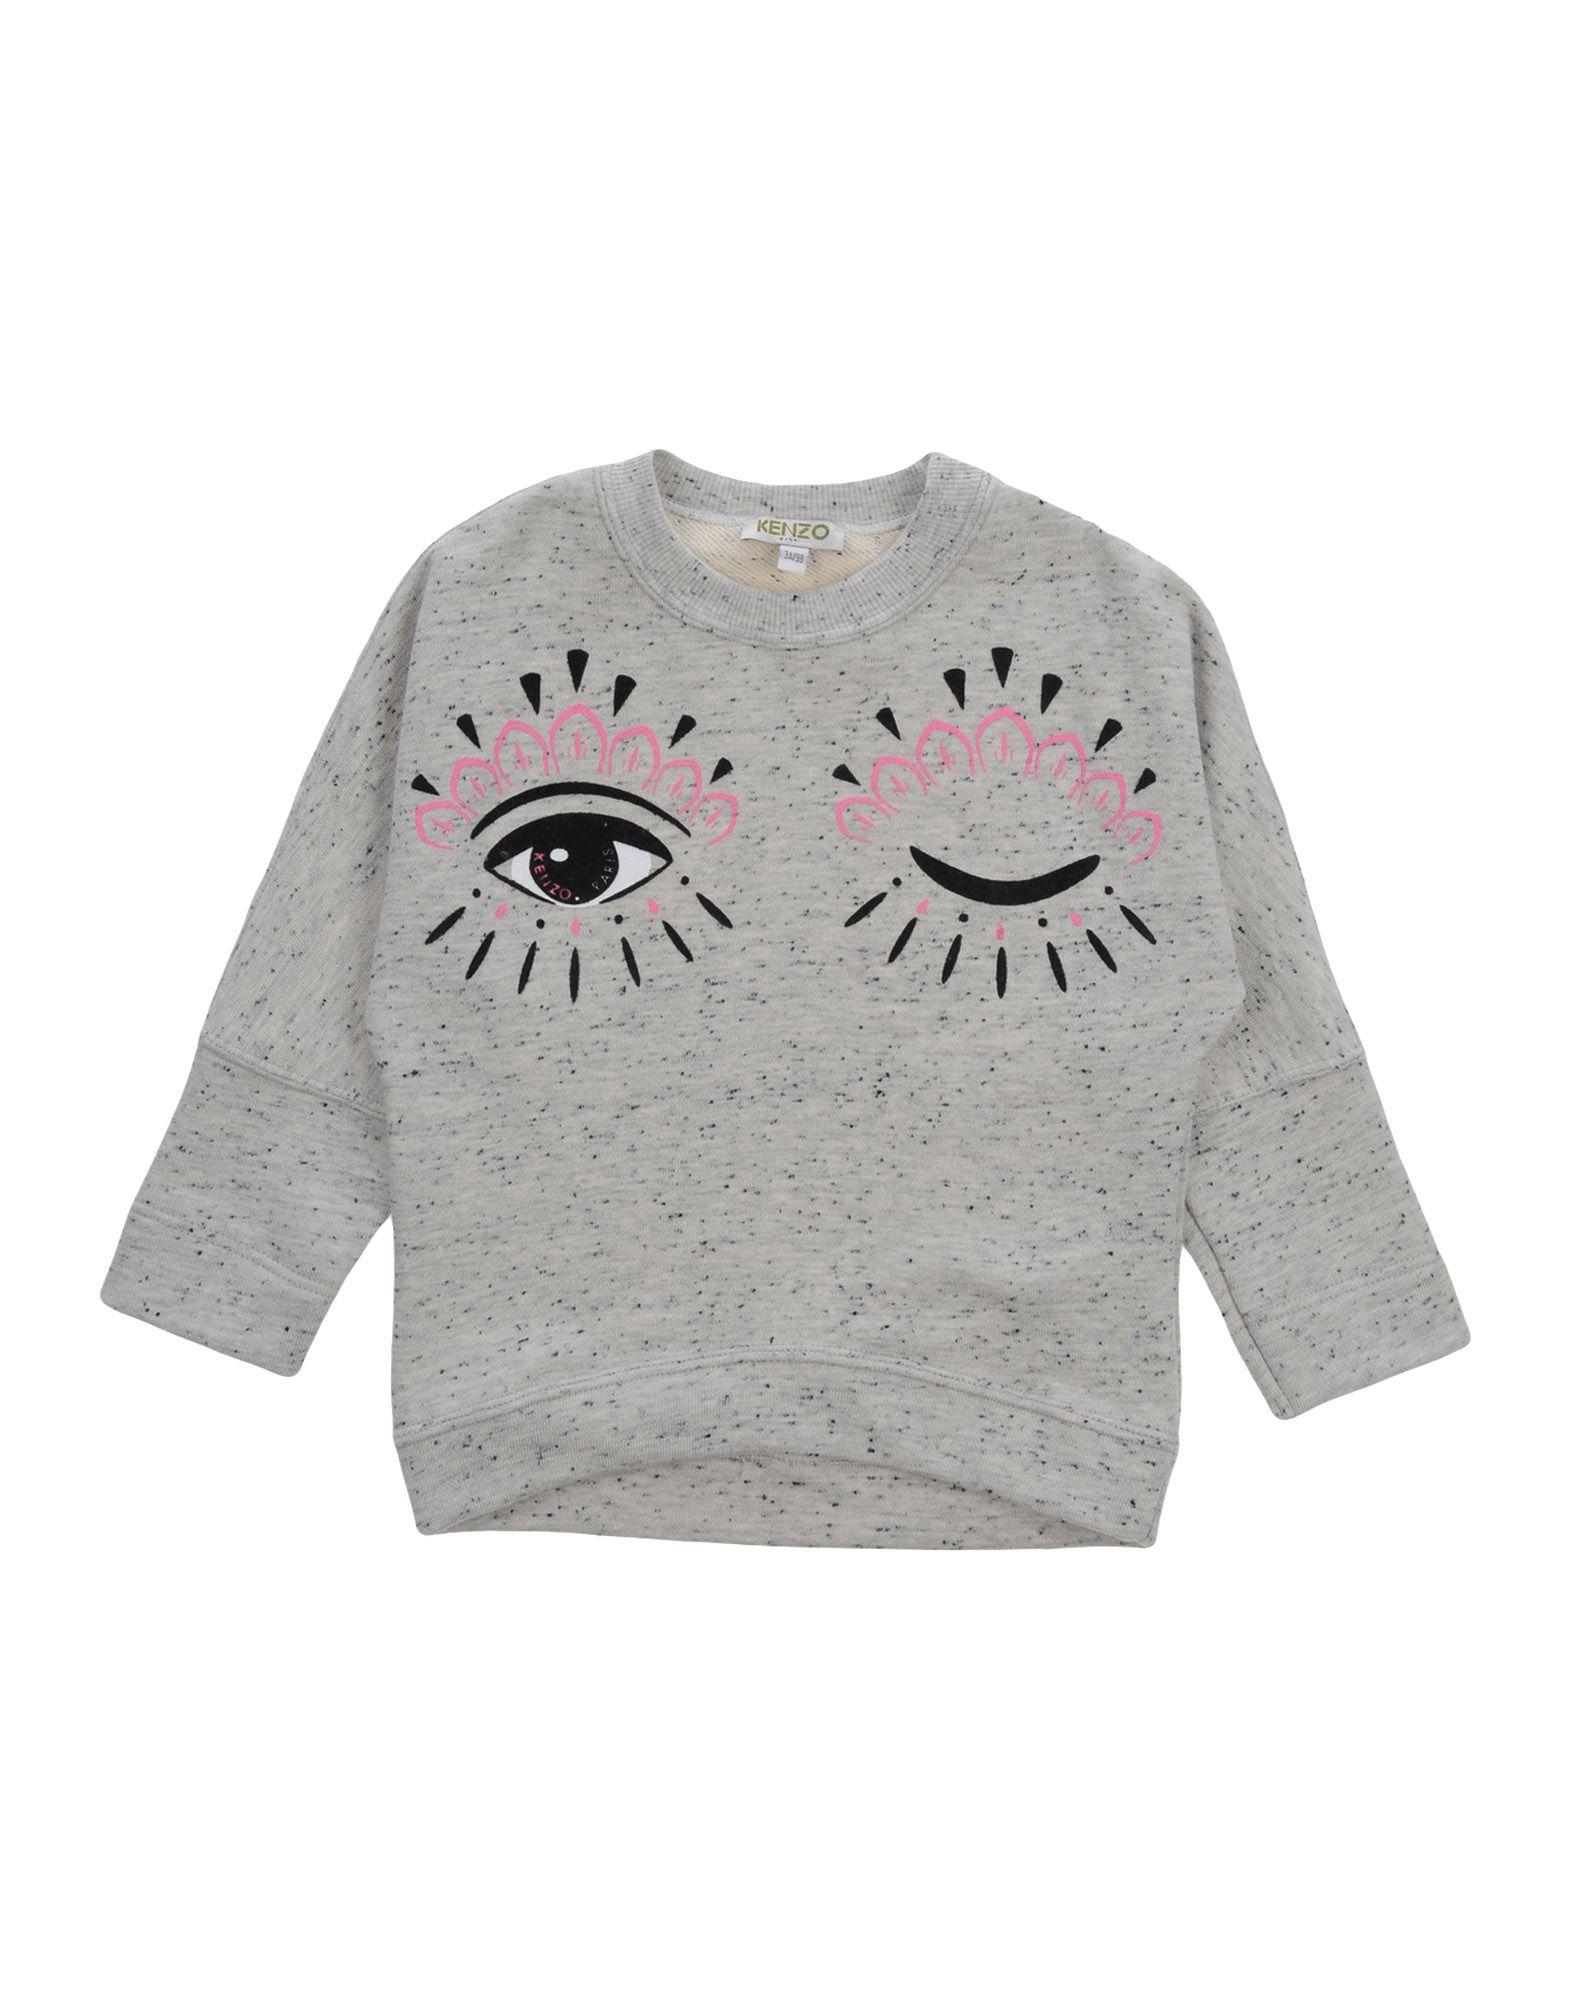 KENZO Mädchen 3-8 jahre Sweatshirt Farbe Hellgrau Größe 6 - broschei